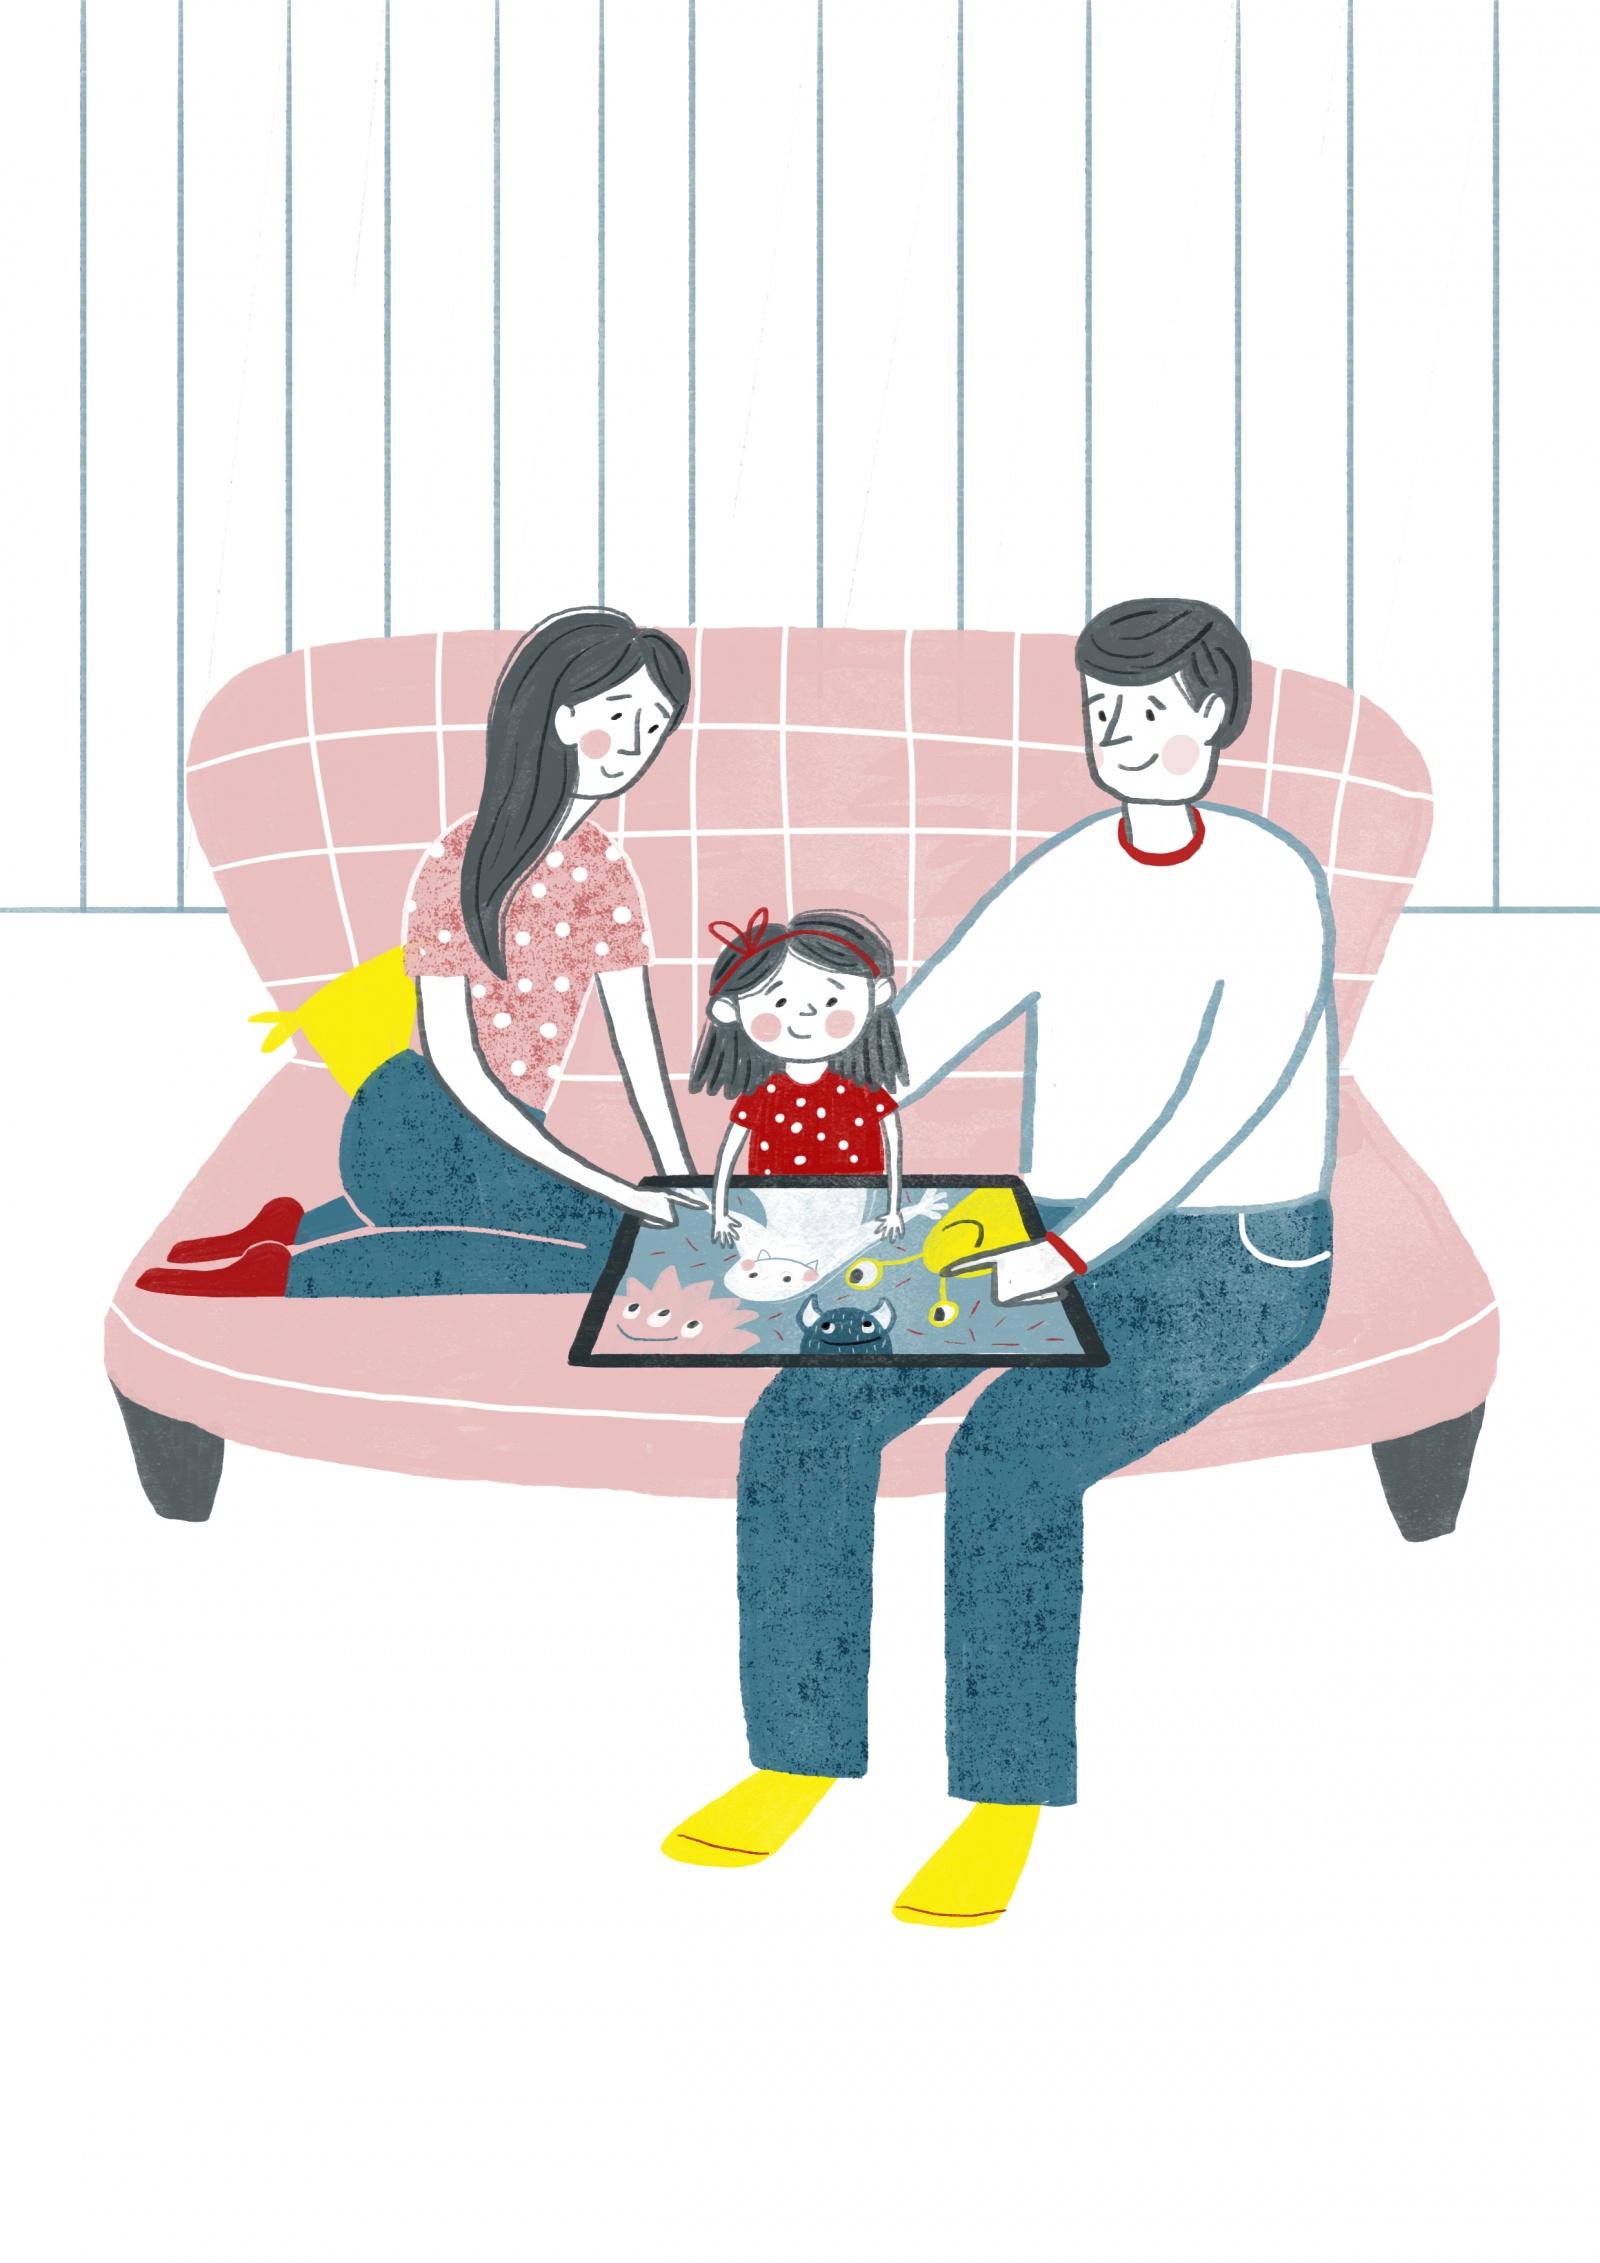 Ребенок, интернет и родители. Как избежать ловушек, получить пользу и остаться друзьями? - 5